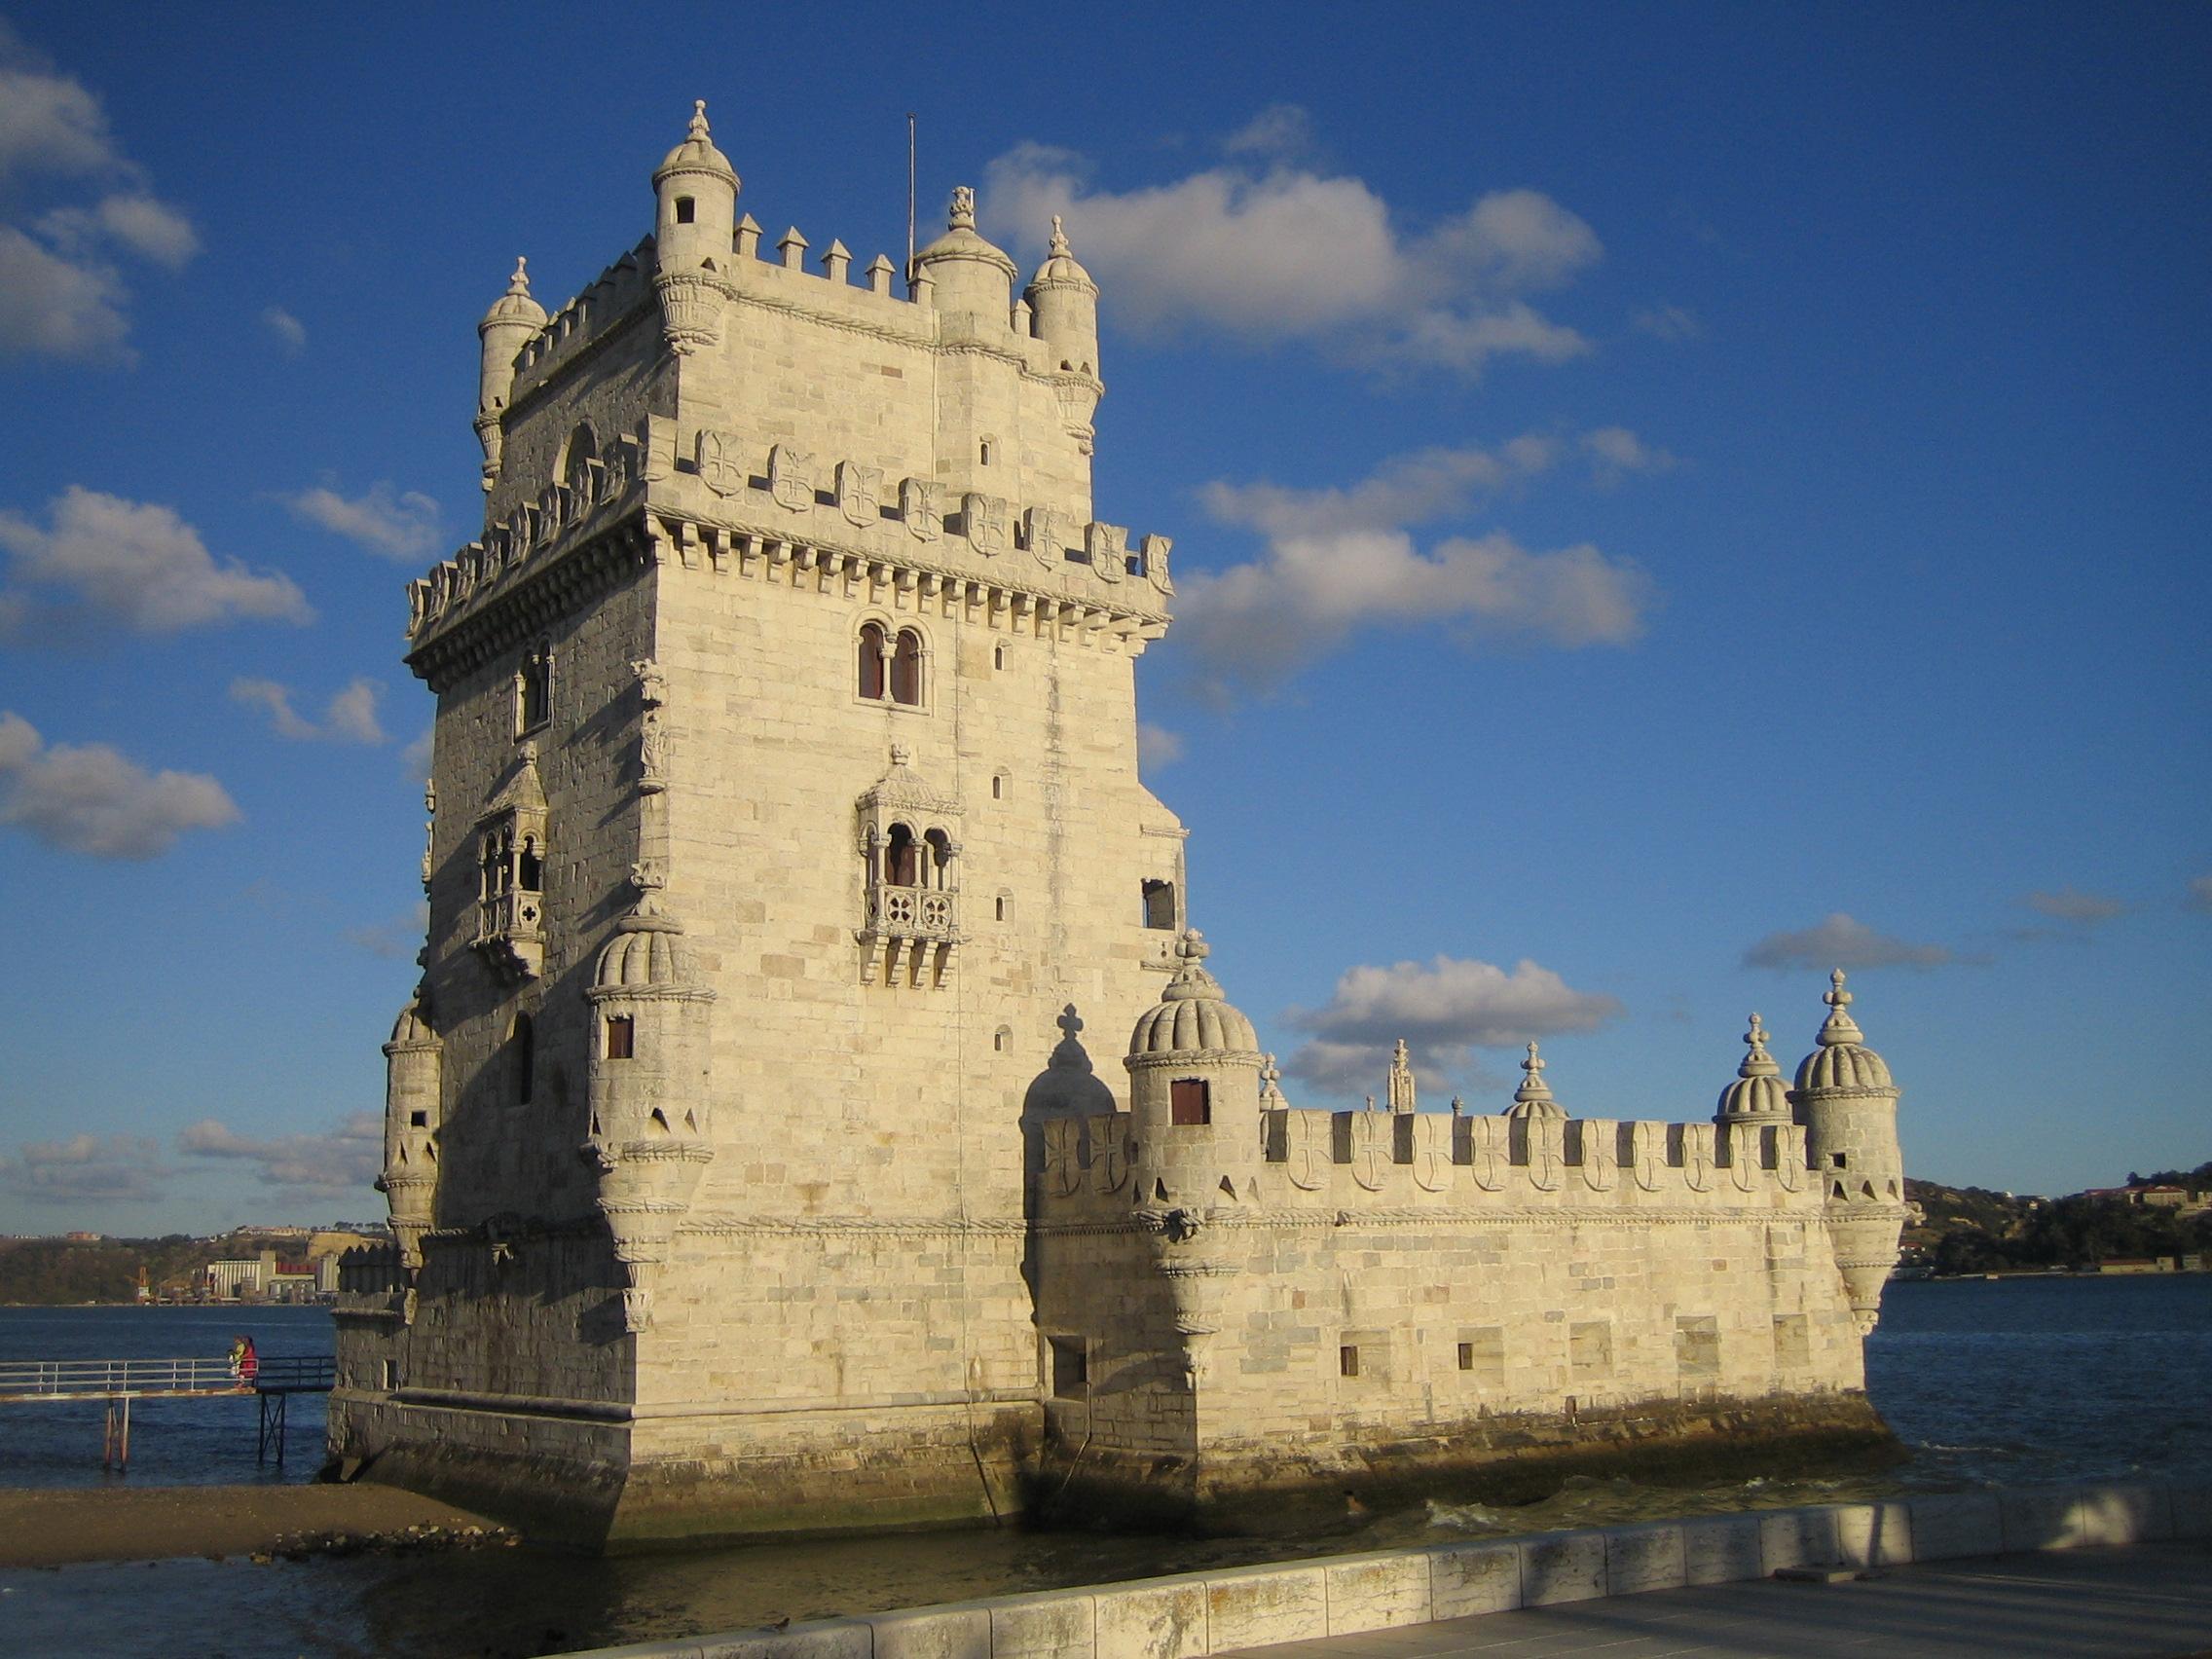 Torre_de_Belem_20050728.jpg